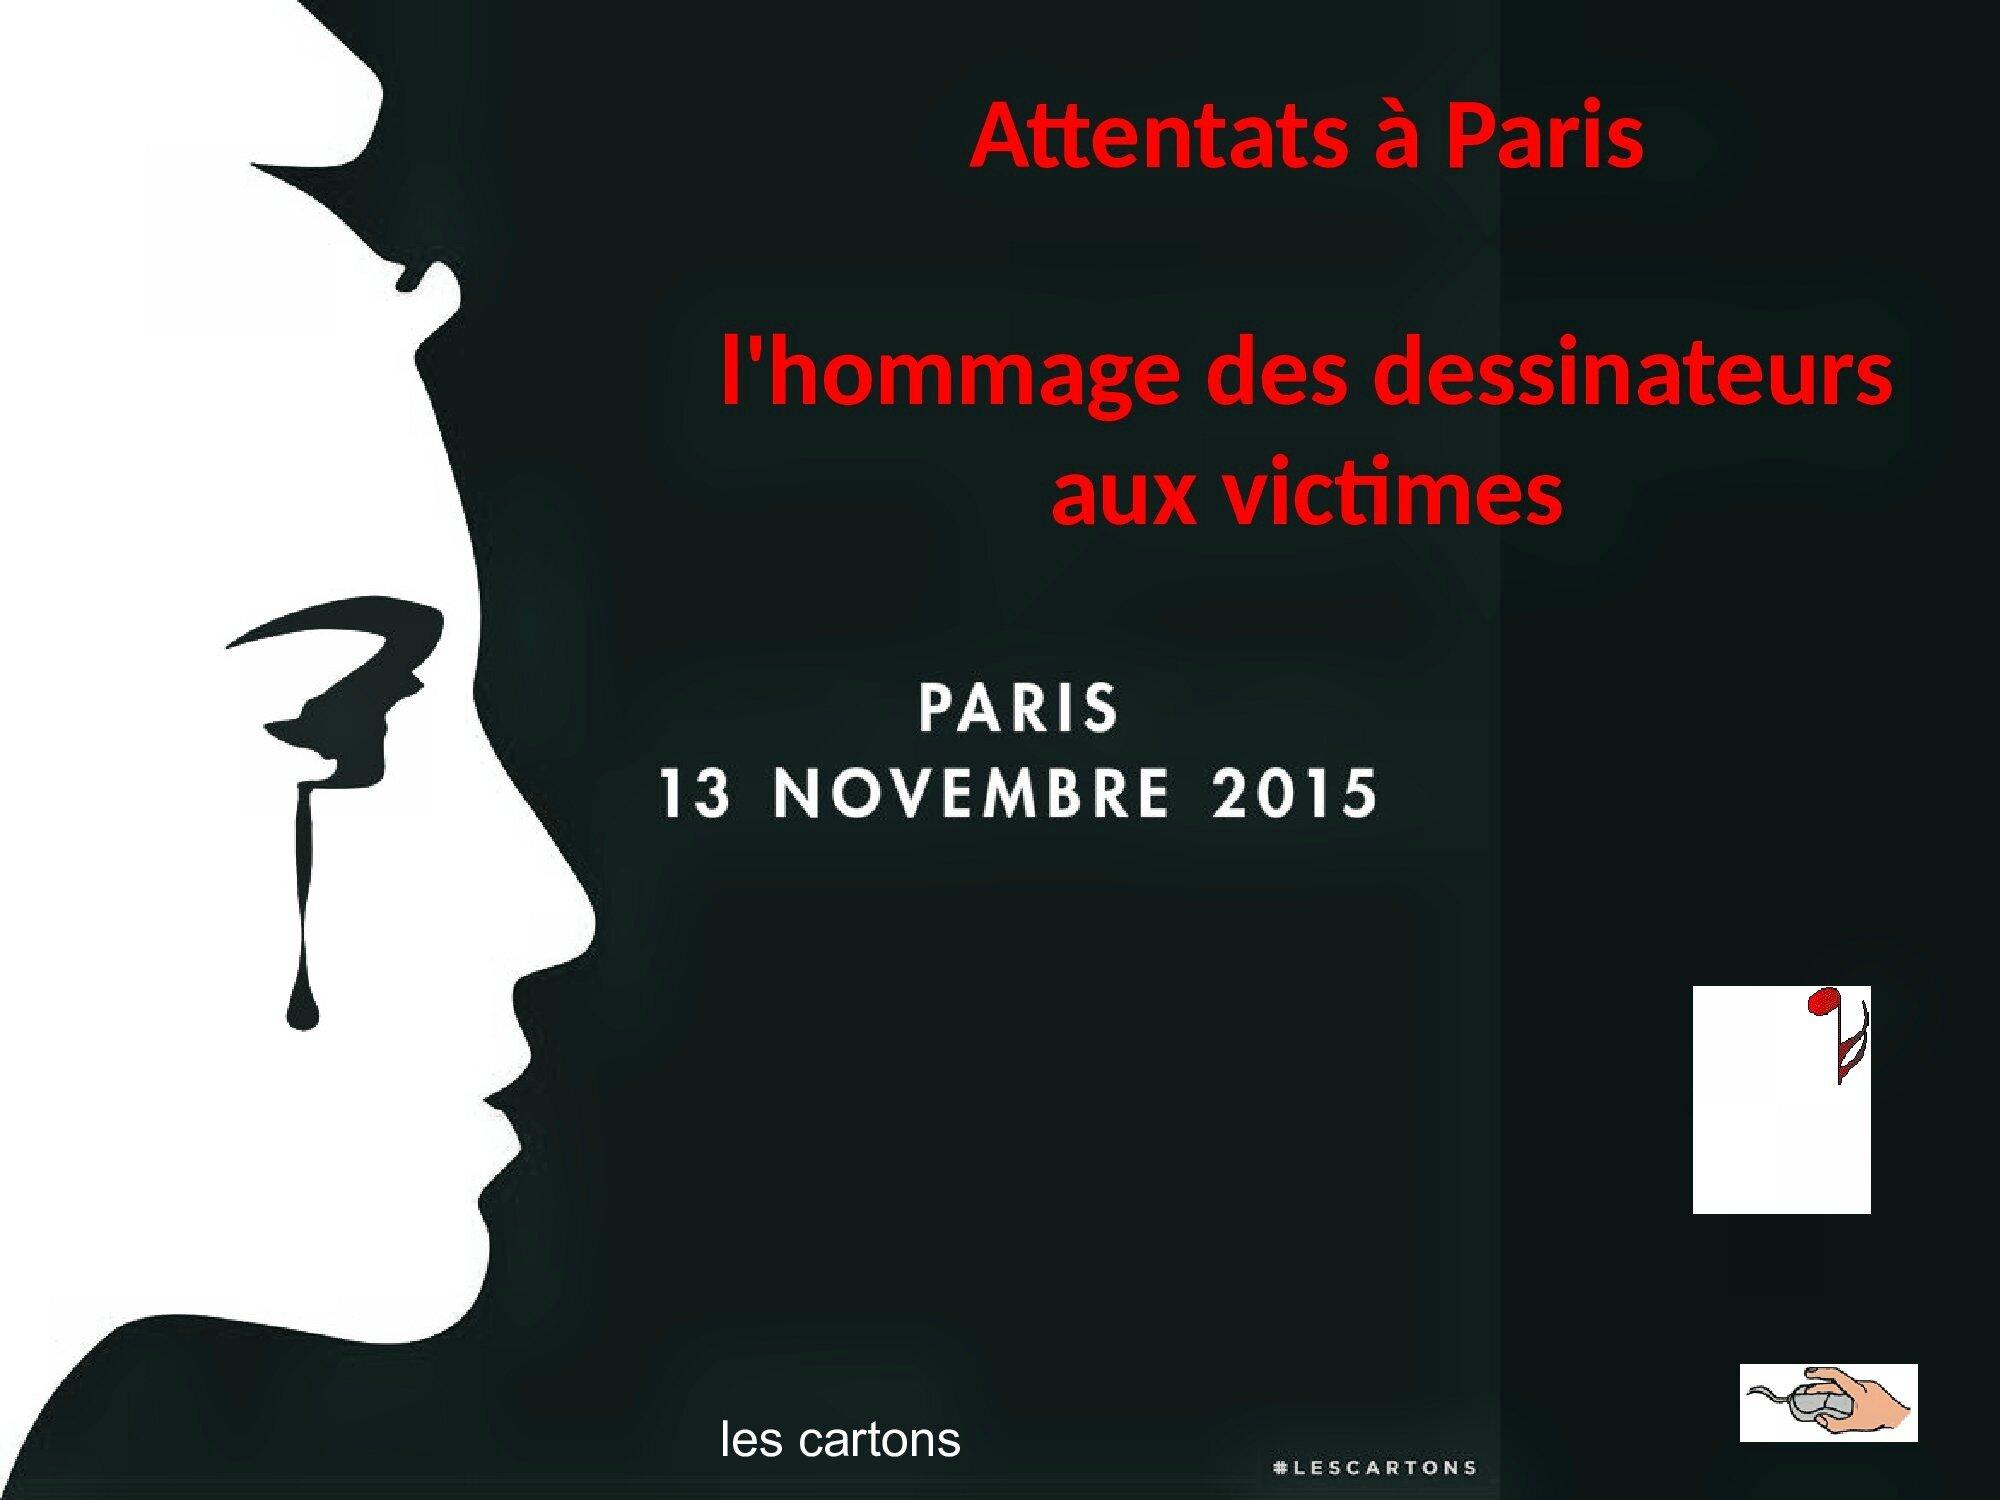 HOMMAGE des dessinateurs aux victimes des attentats de Paris 13 novembre 2015 (0)